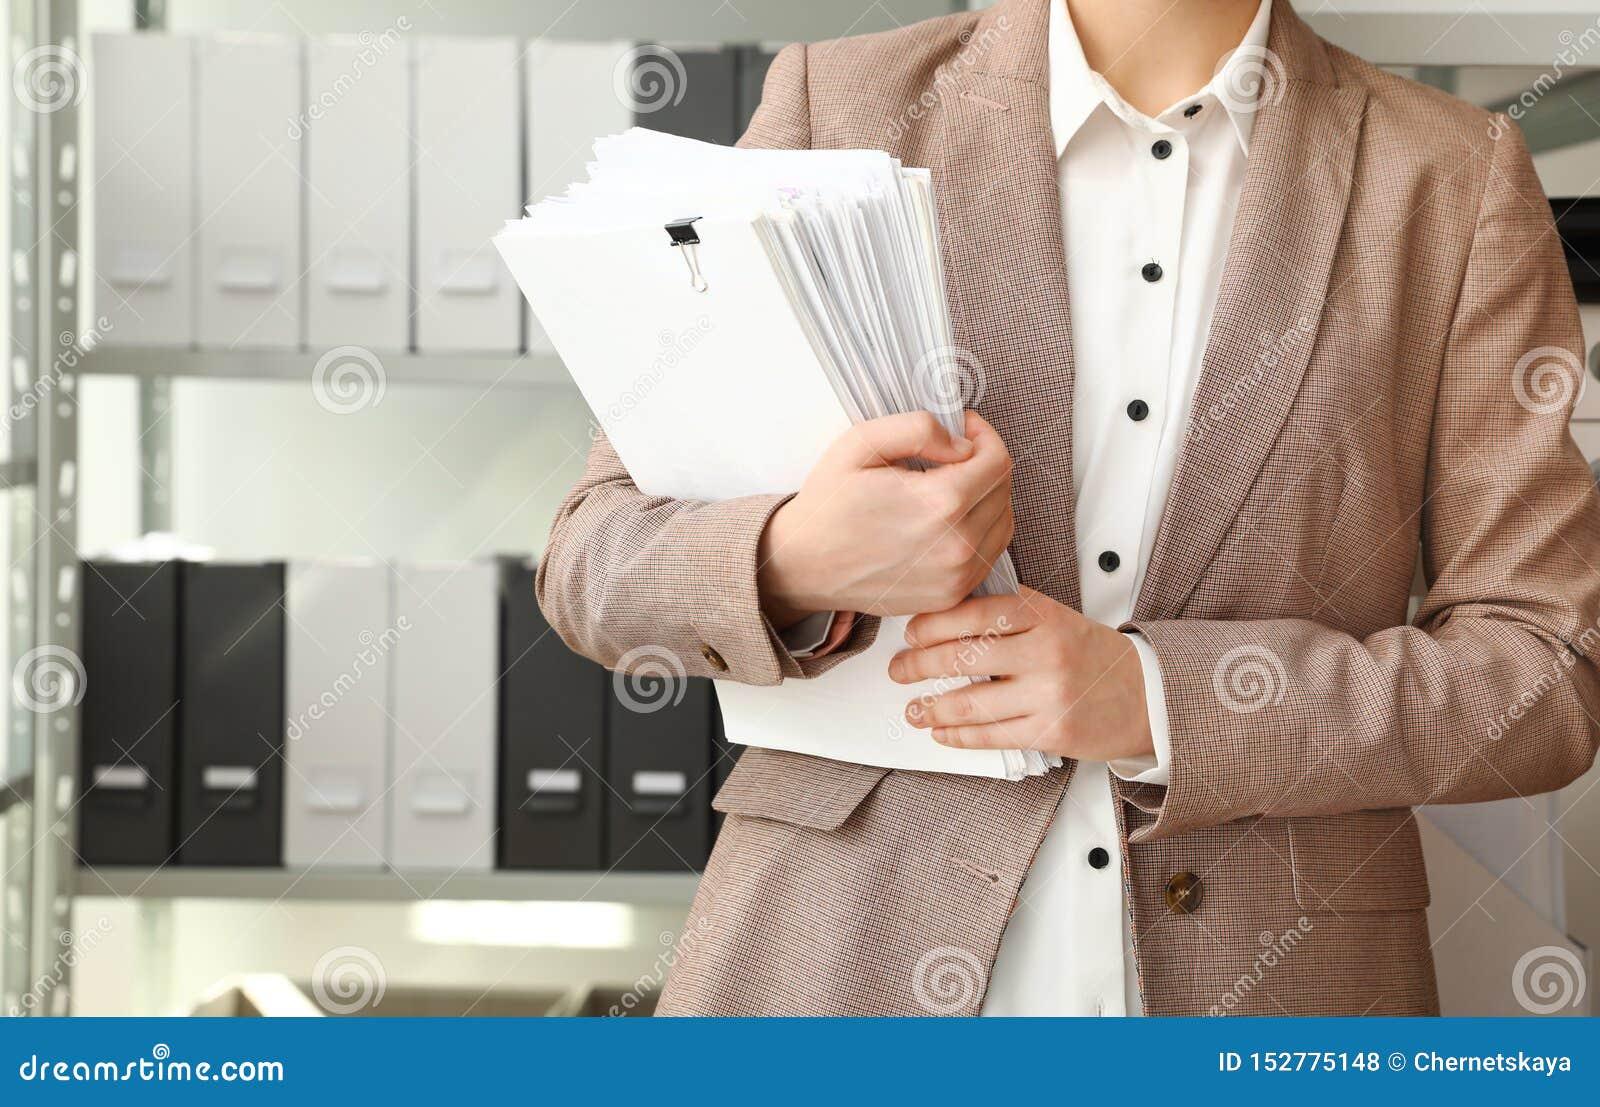 Trabalhador fêmea com documentos no arquivo, close up